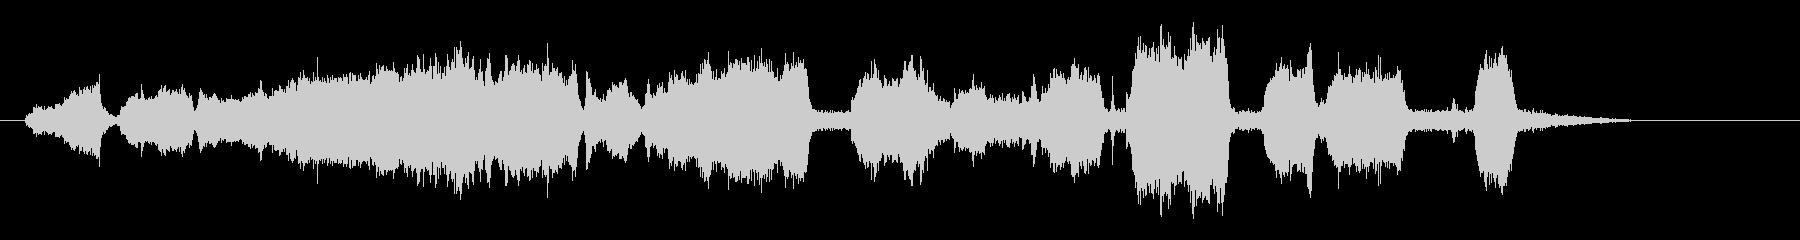 グラインダーのメタル;機械回転スト...の未再生の波形